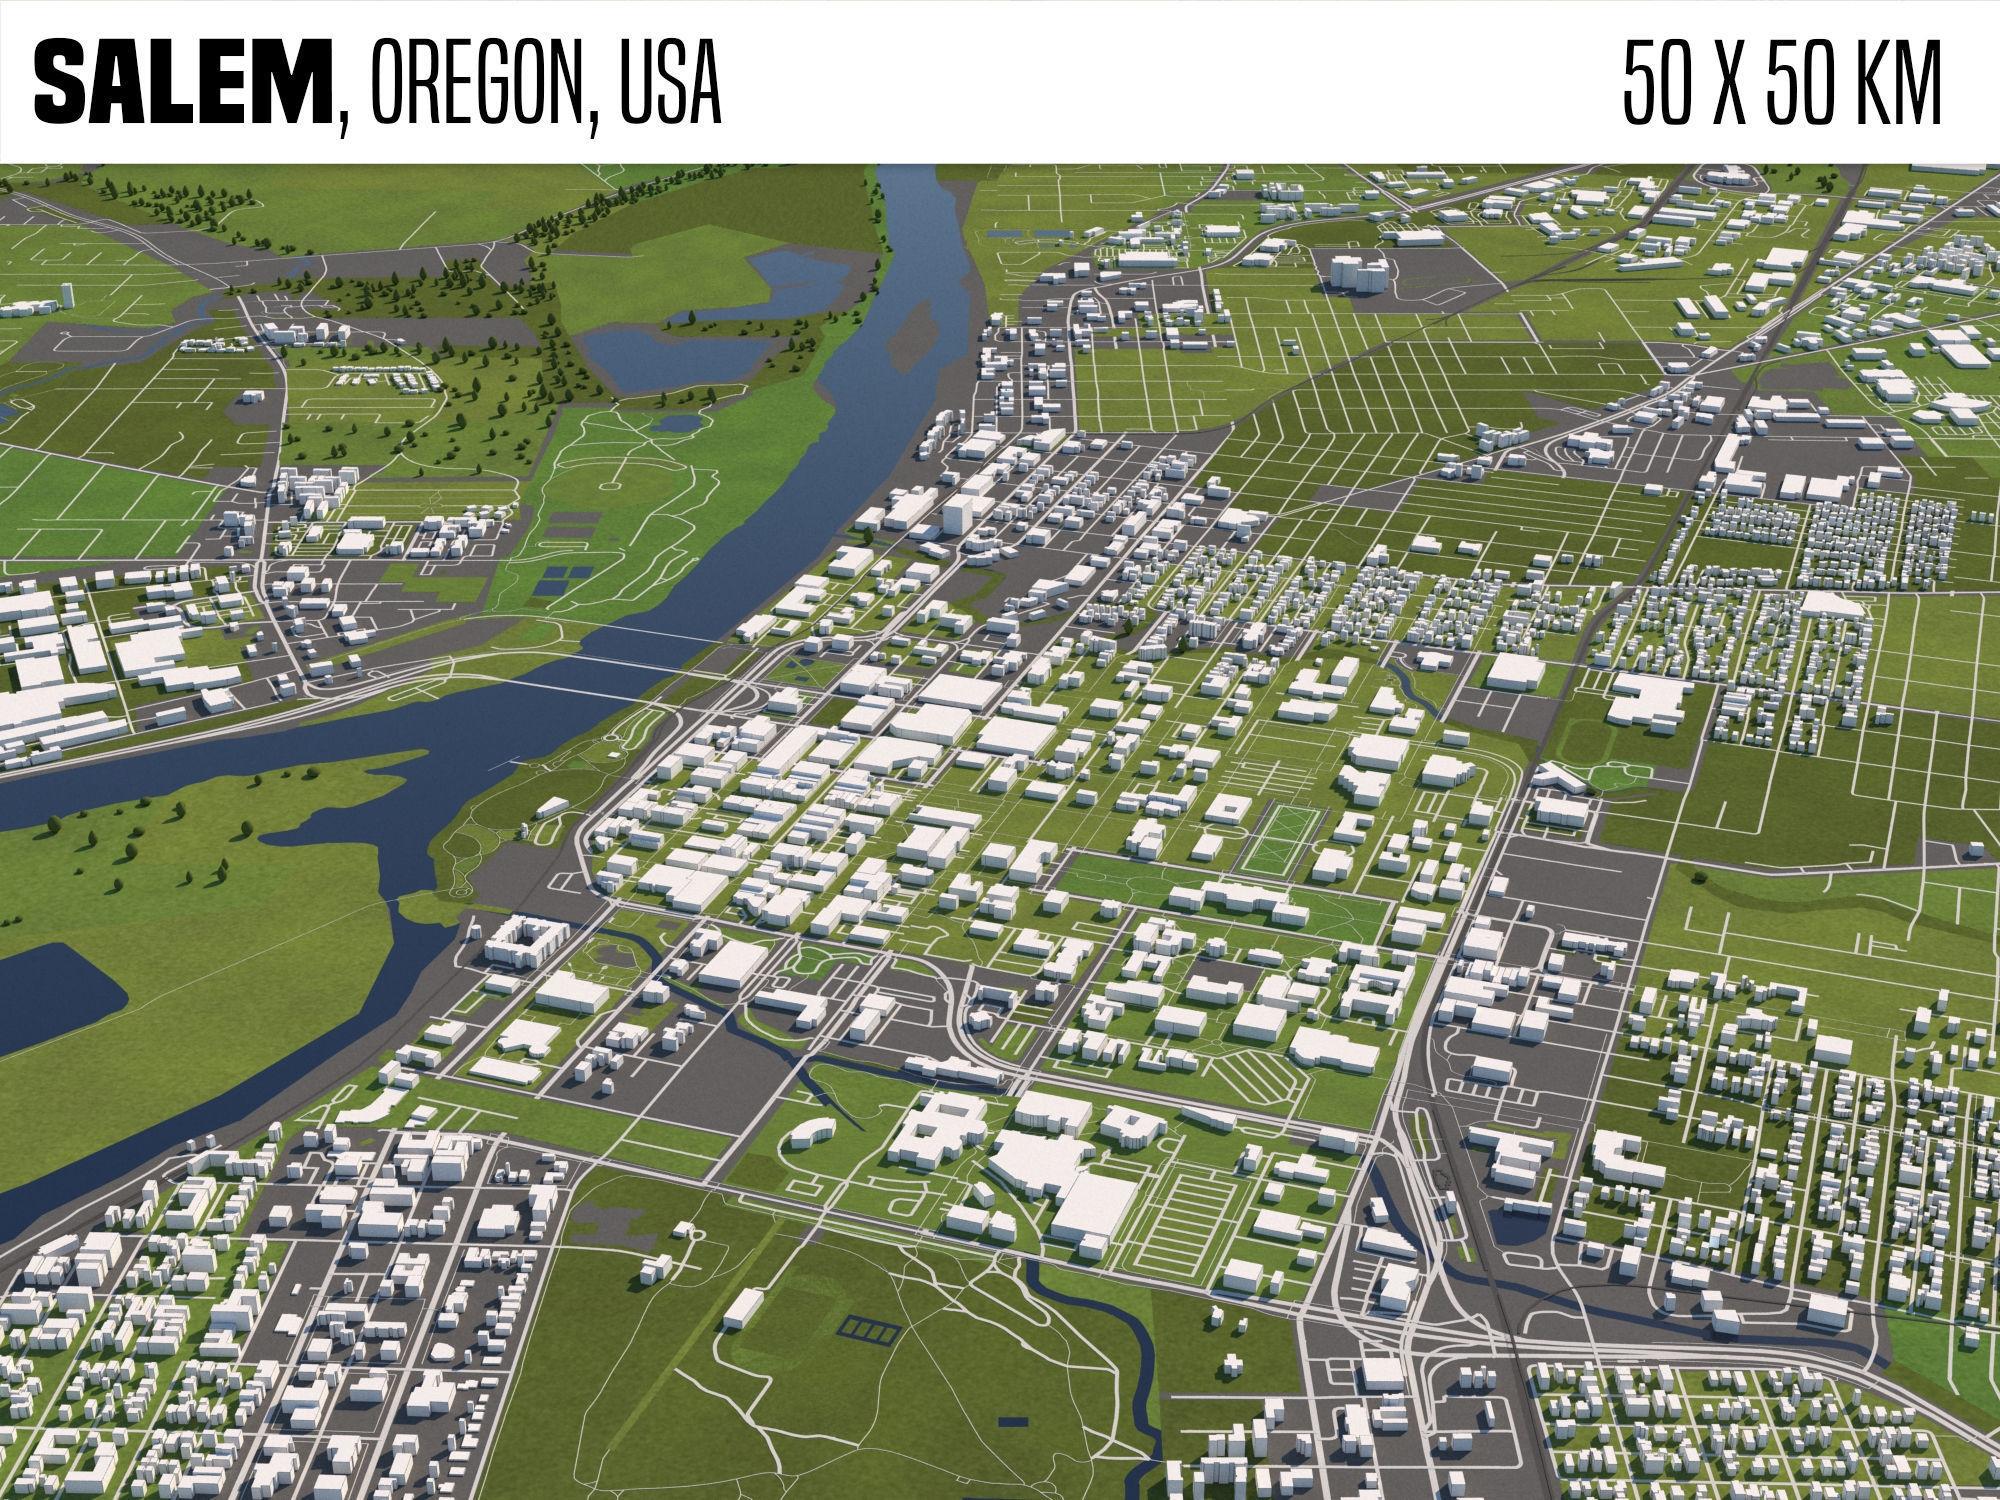 Salem Oregon USA 50x50km